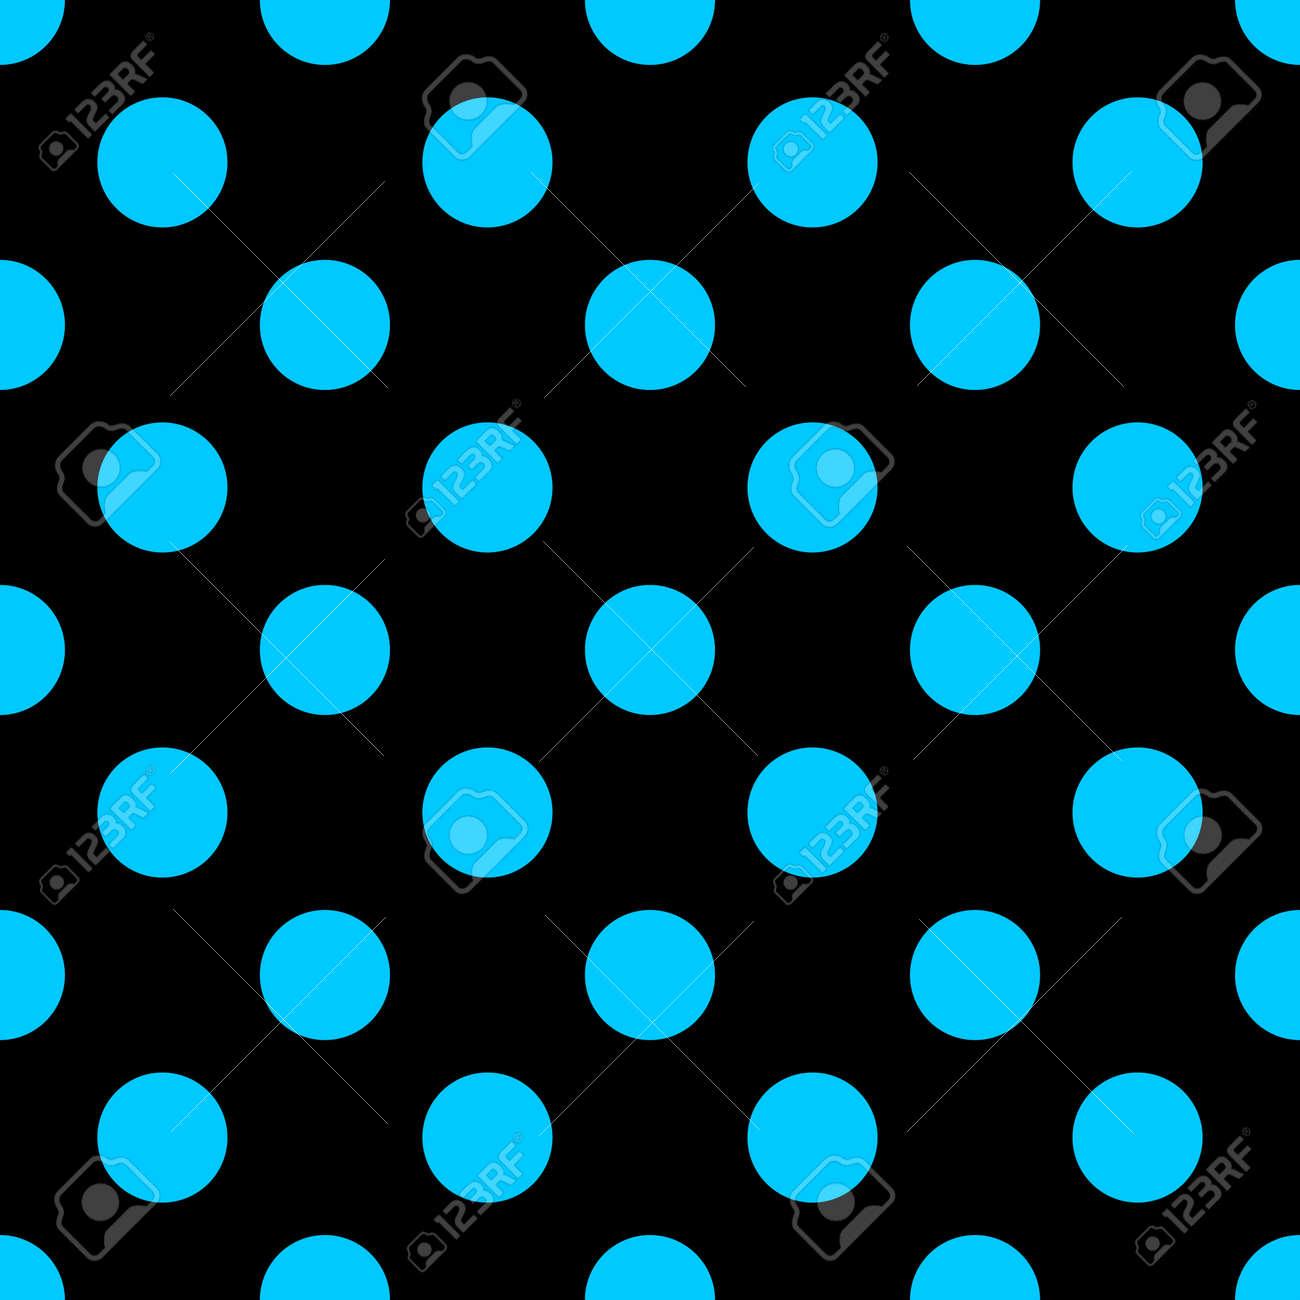 大きな水玉のシームレスなパターン ファッションの青と黒のテクスチャ